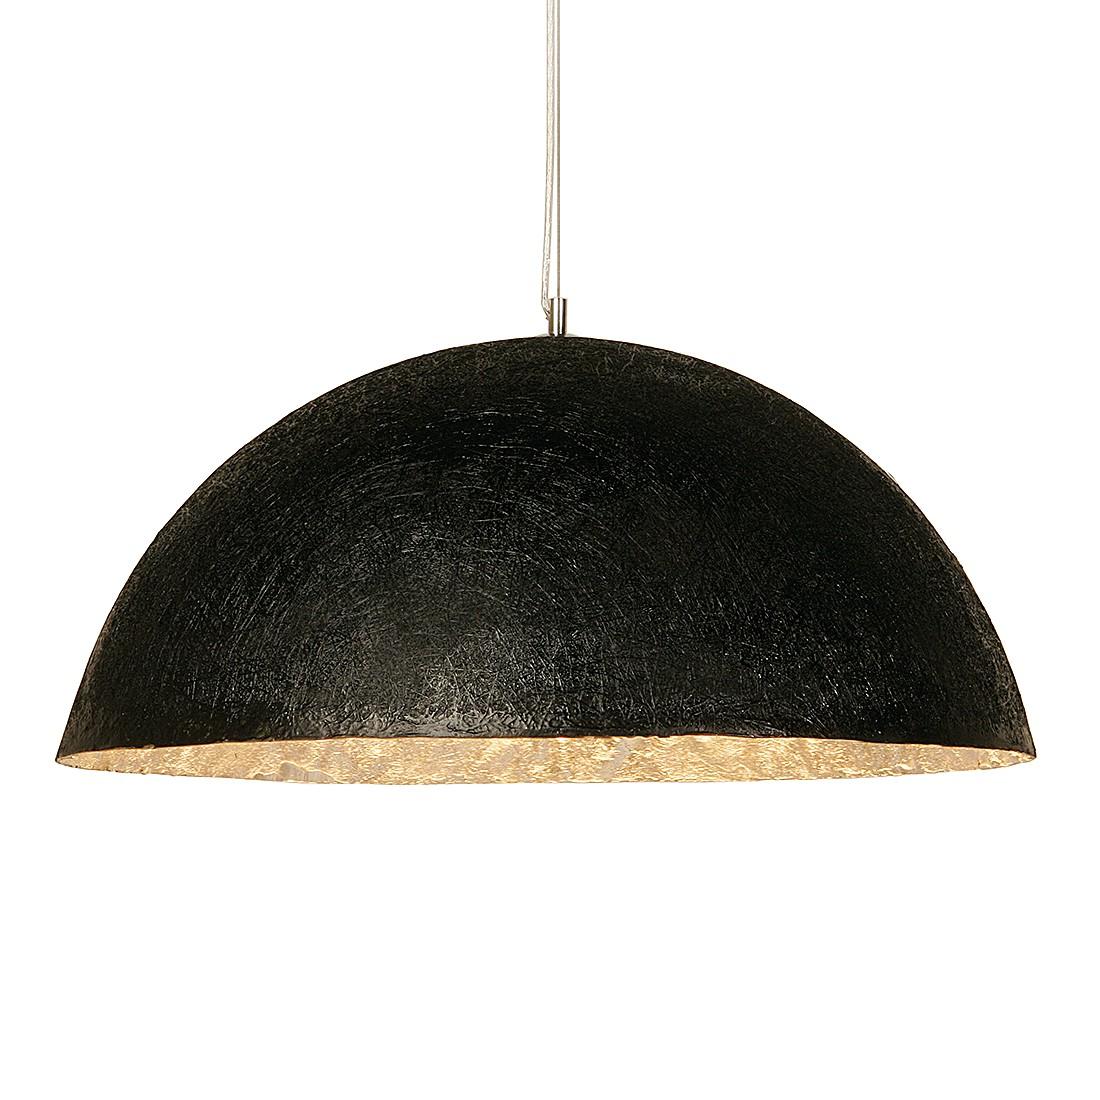 Pendelleuchte HL Shiny Wok Black Big ● Metall/Kunststoff ● 3-flammig- Kare Design A++